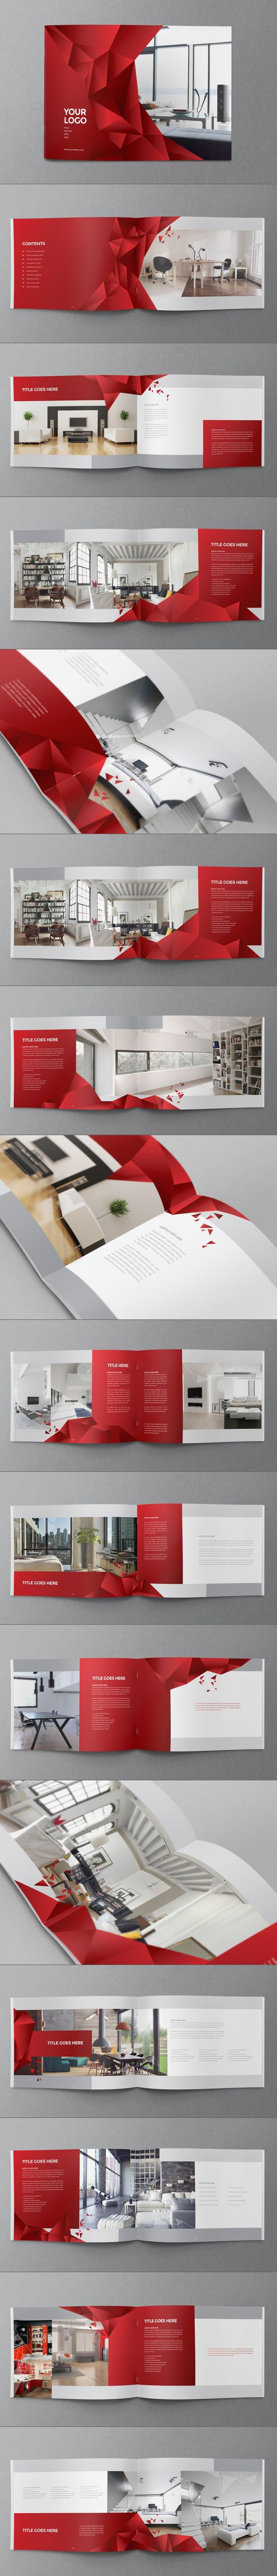 Design de Interiores Brochura sobre Behance